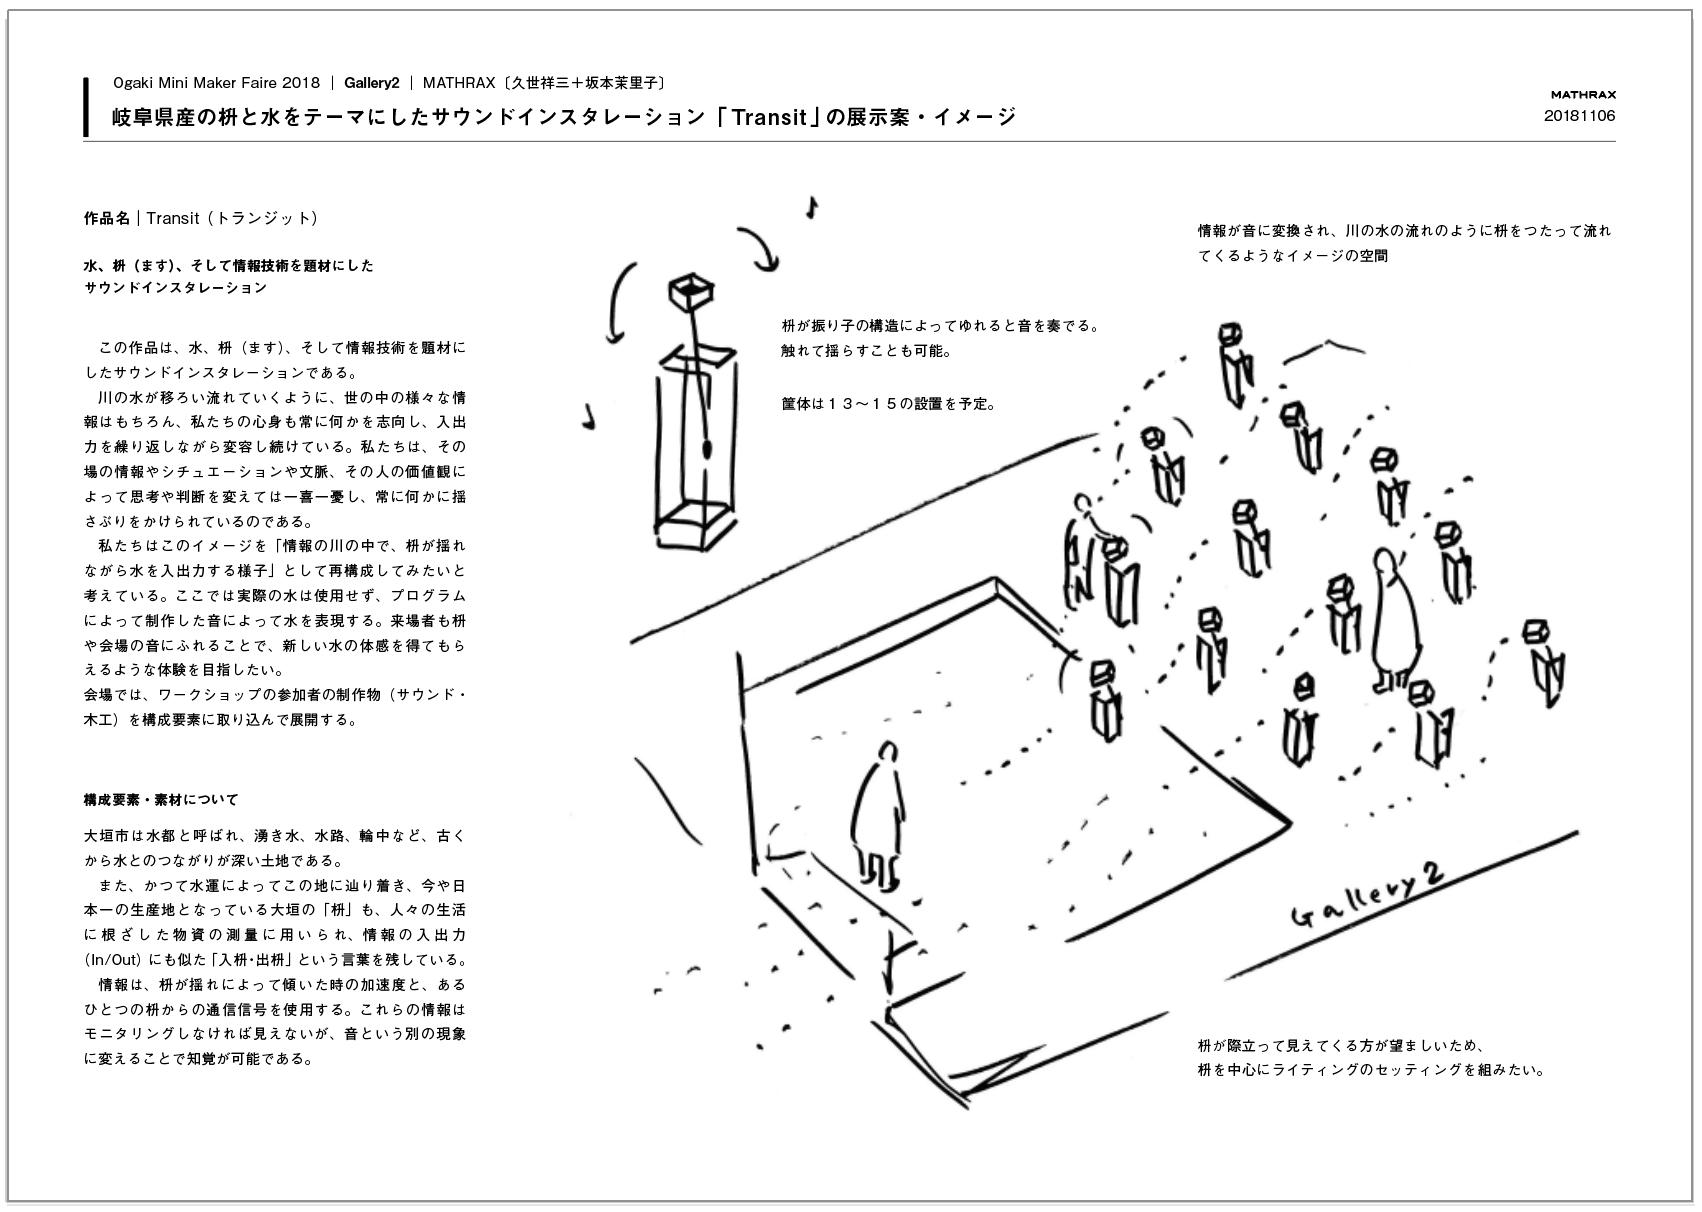 展示アイデアの図